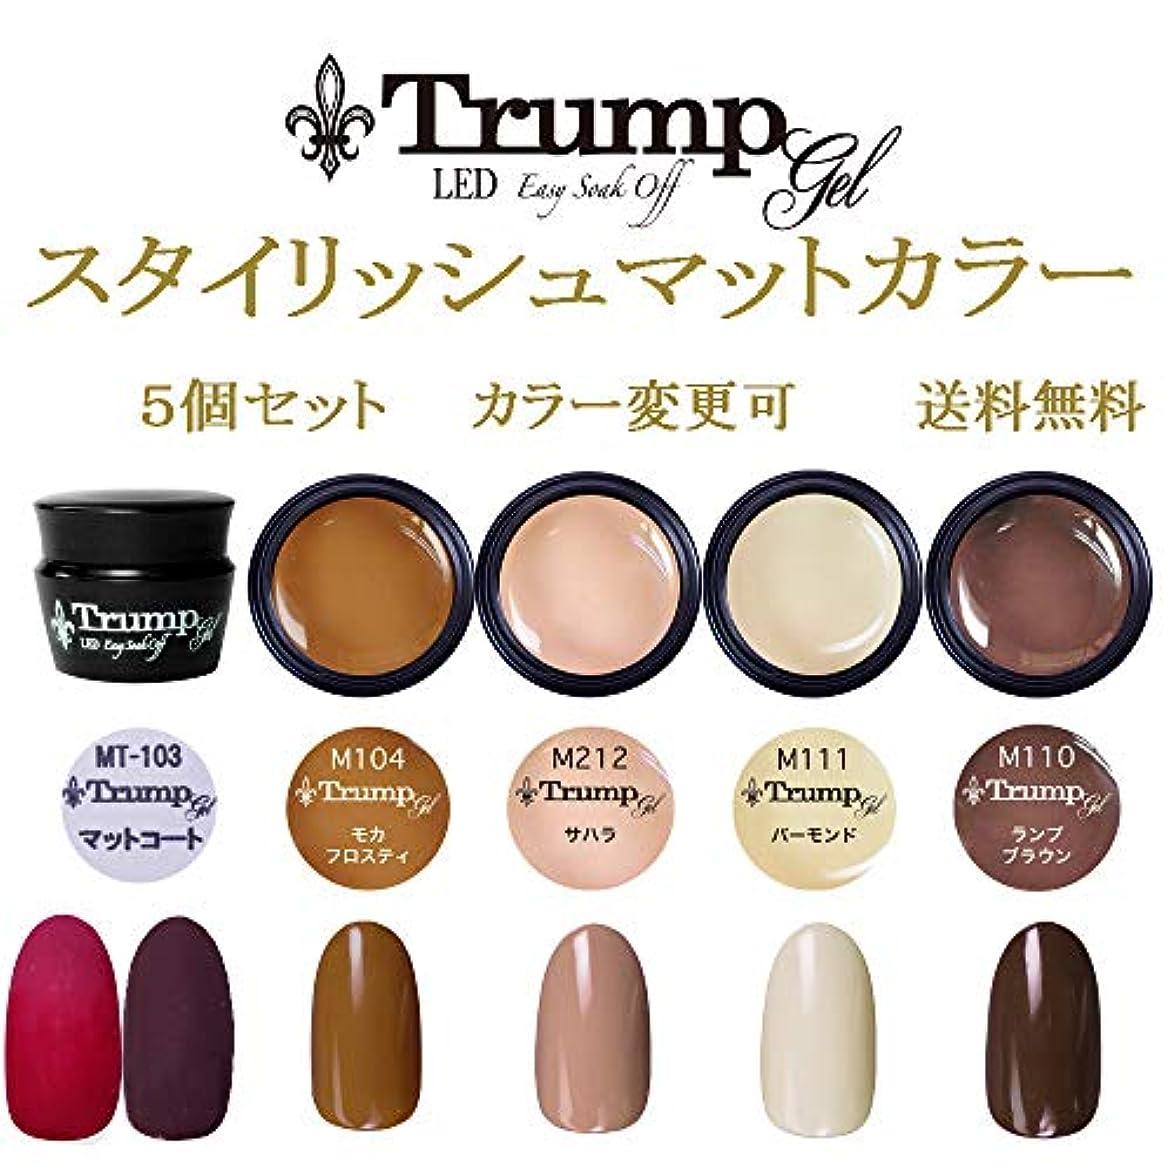 広大な詳細に調査【送料無料】日本製 Trump gel トランプジェル スタイリッシュマットカラージェル5個セット 5個セット マットカラー ベージュ ブラウン マスタード カラー